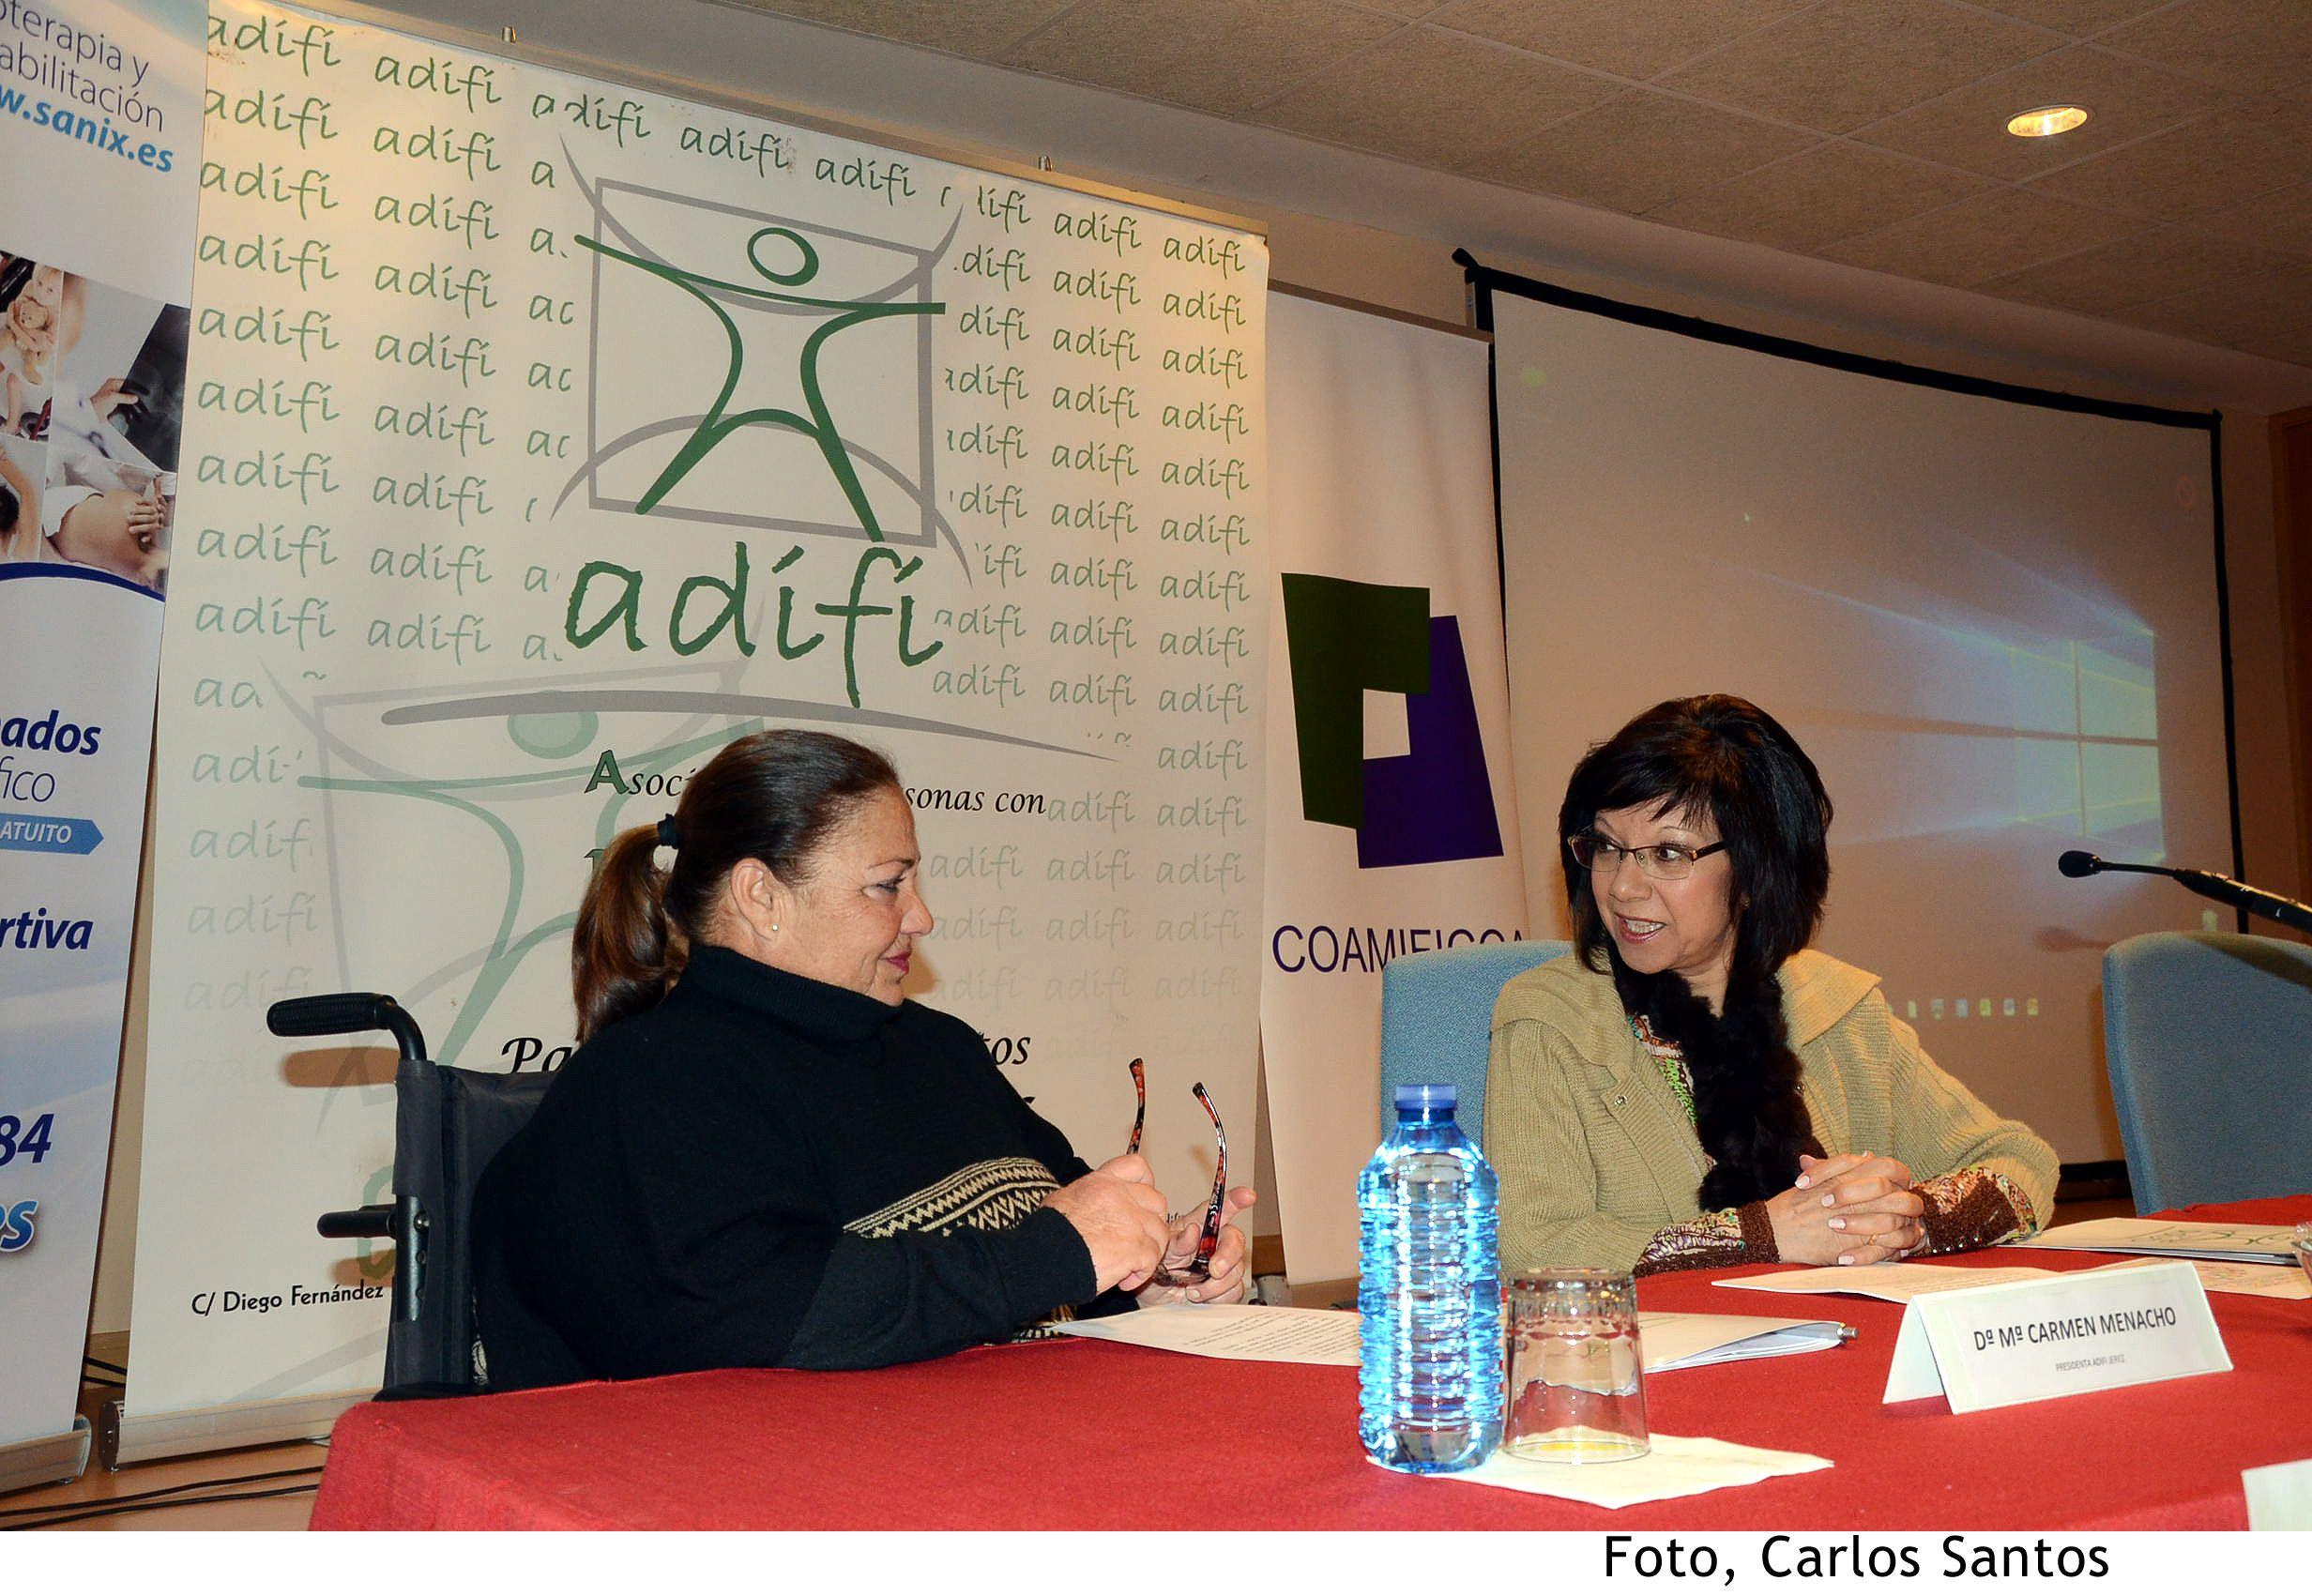 Adifi2